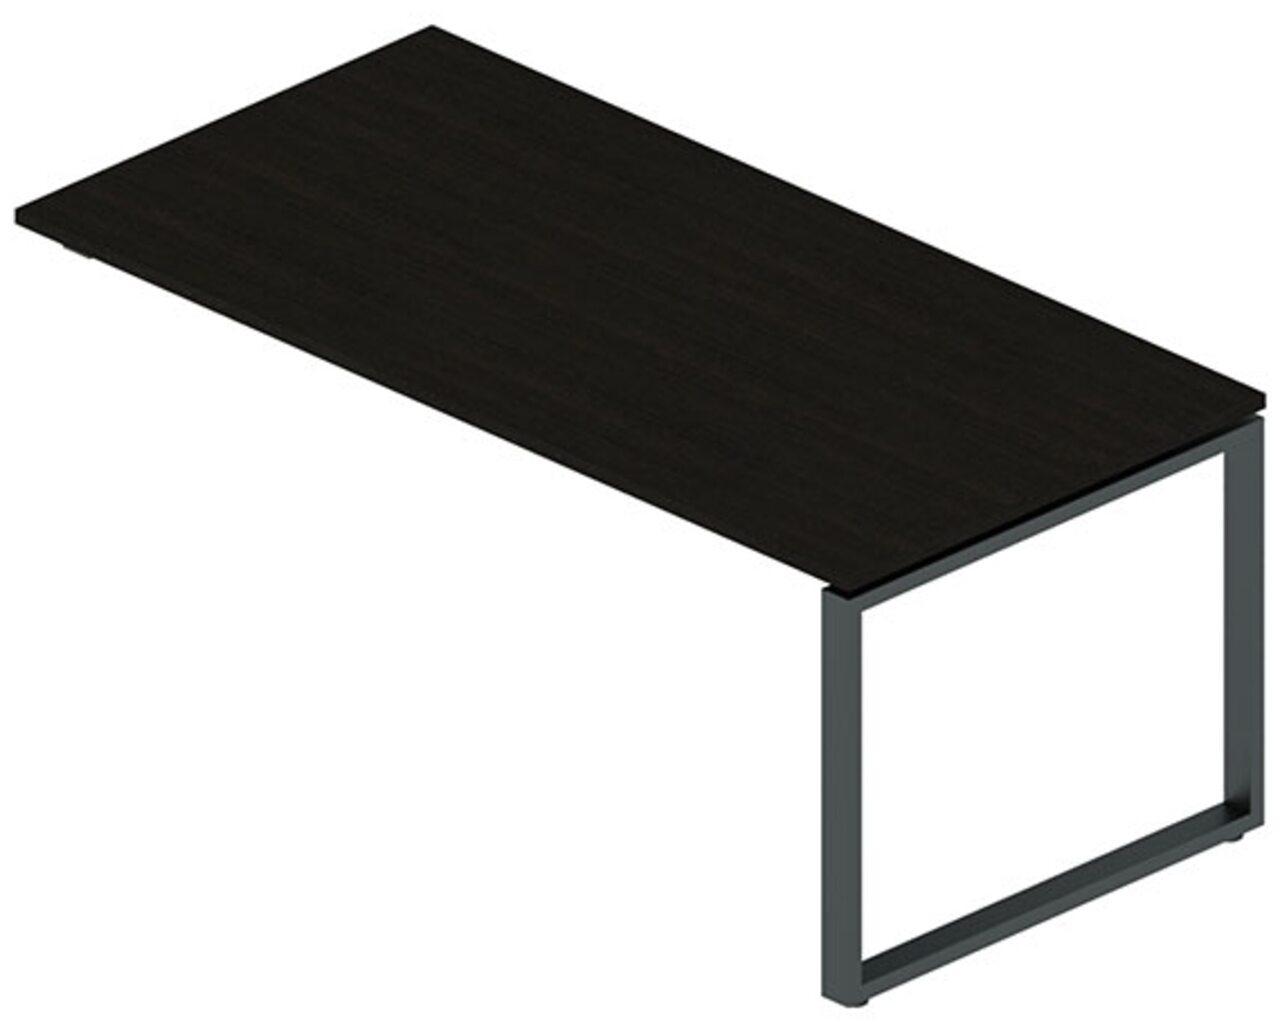 Стол с укороченной опорой под тумбу  Rio Direct 180x90x75 - фото 2